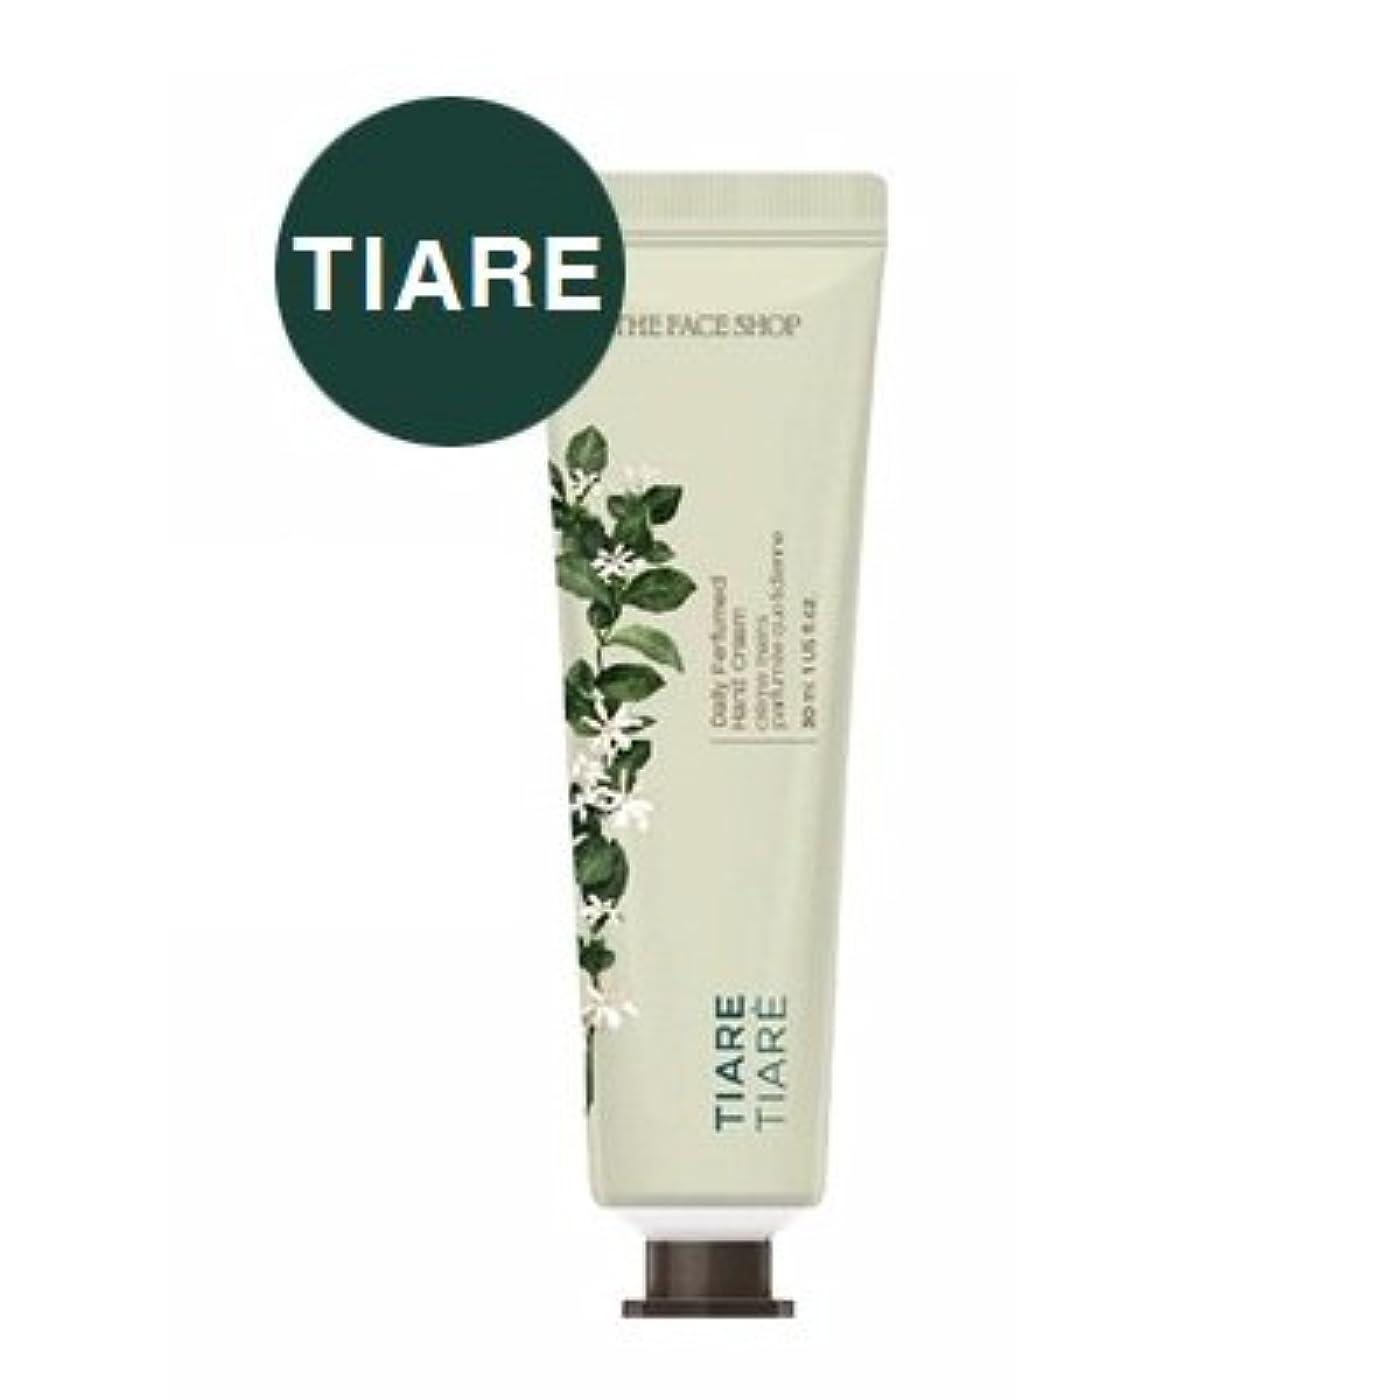 効率ノミネート壊すTHE FACE SHOP Daily Perfume Hand Cream [02. Tiare] ザフェイスショップ デイリーパフュームハンドクリーム [02. ティアレ] [new] [並行輸入品]